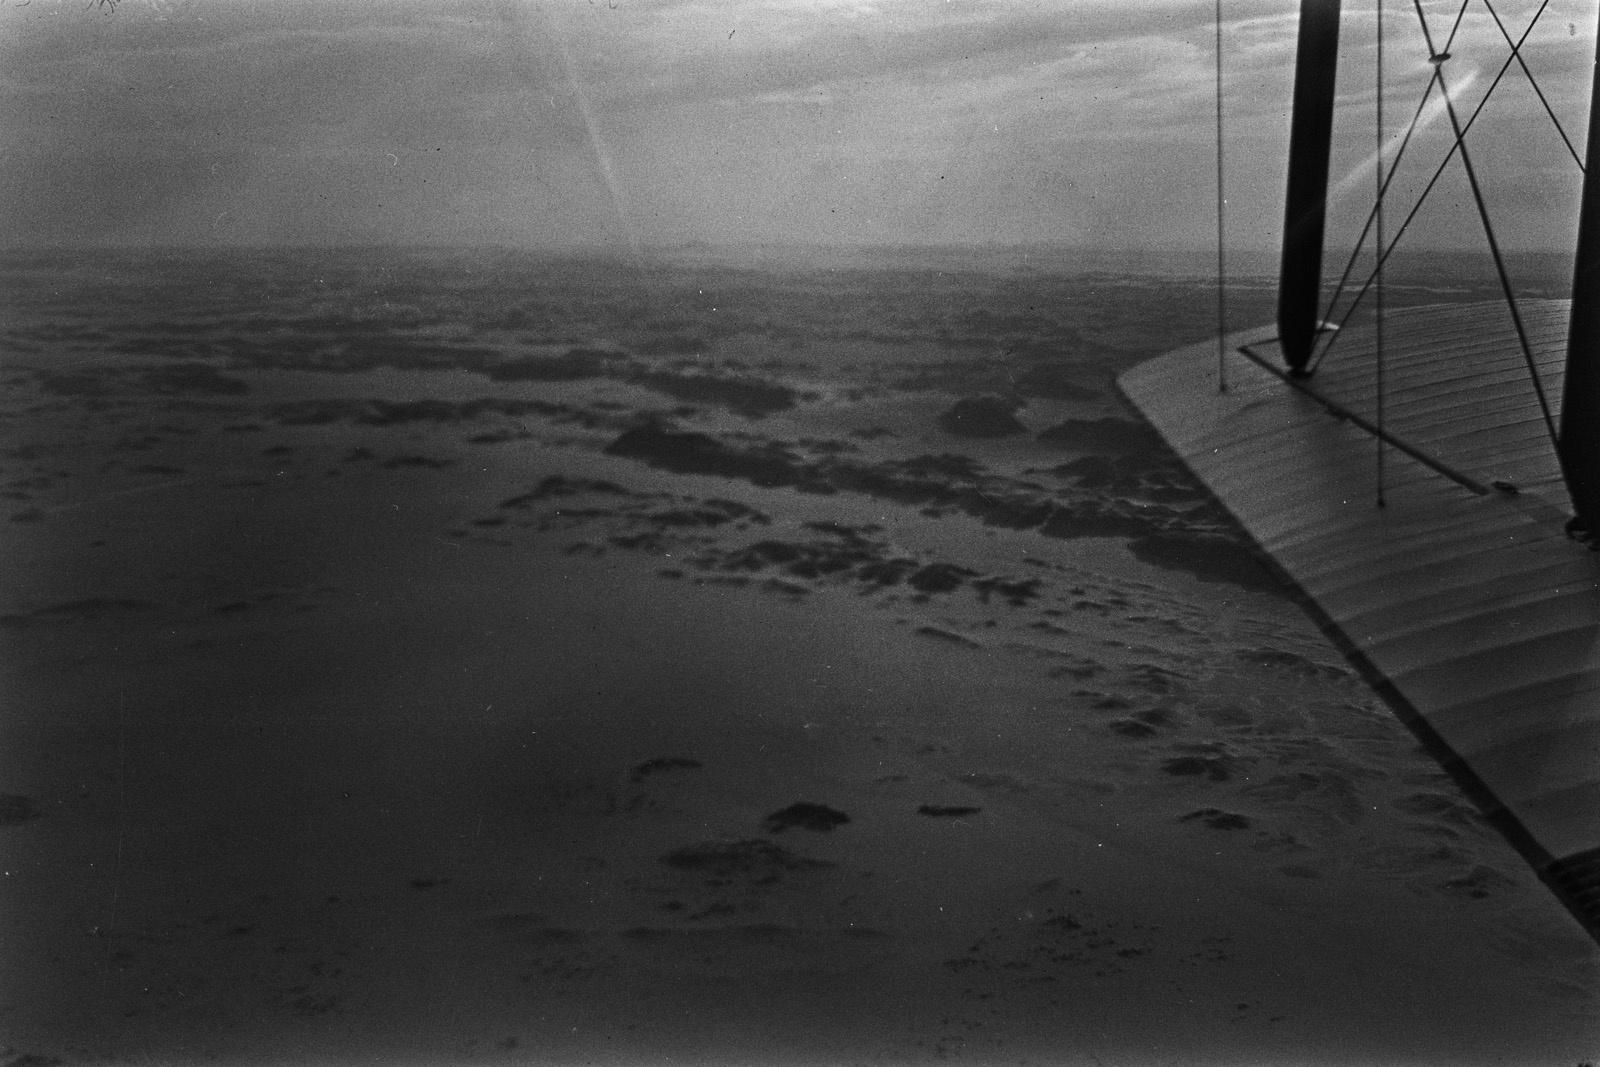 Судан. Песчаная пустыня граничит с каменистой к югу от Вади-Халфа